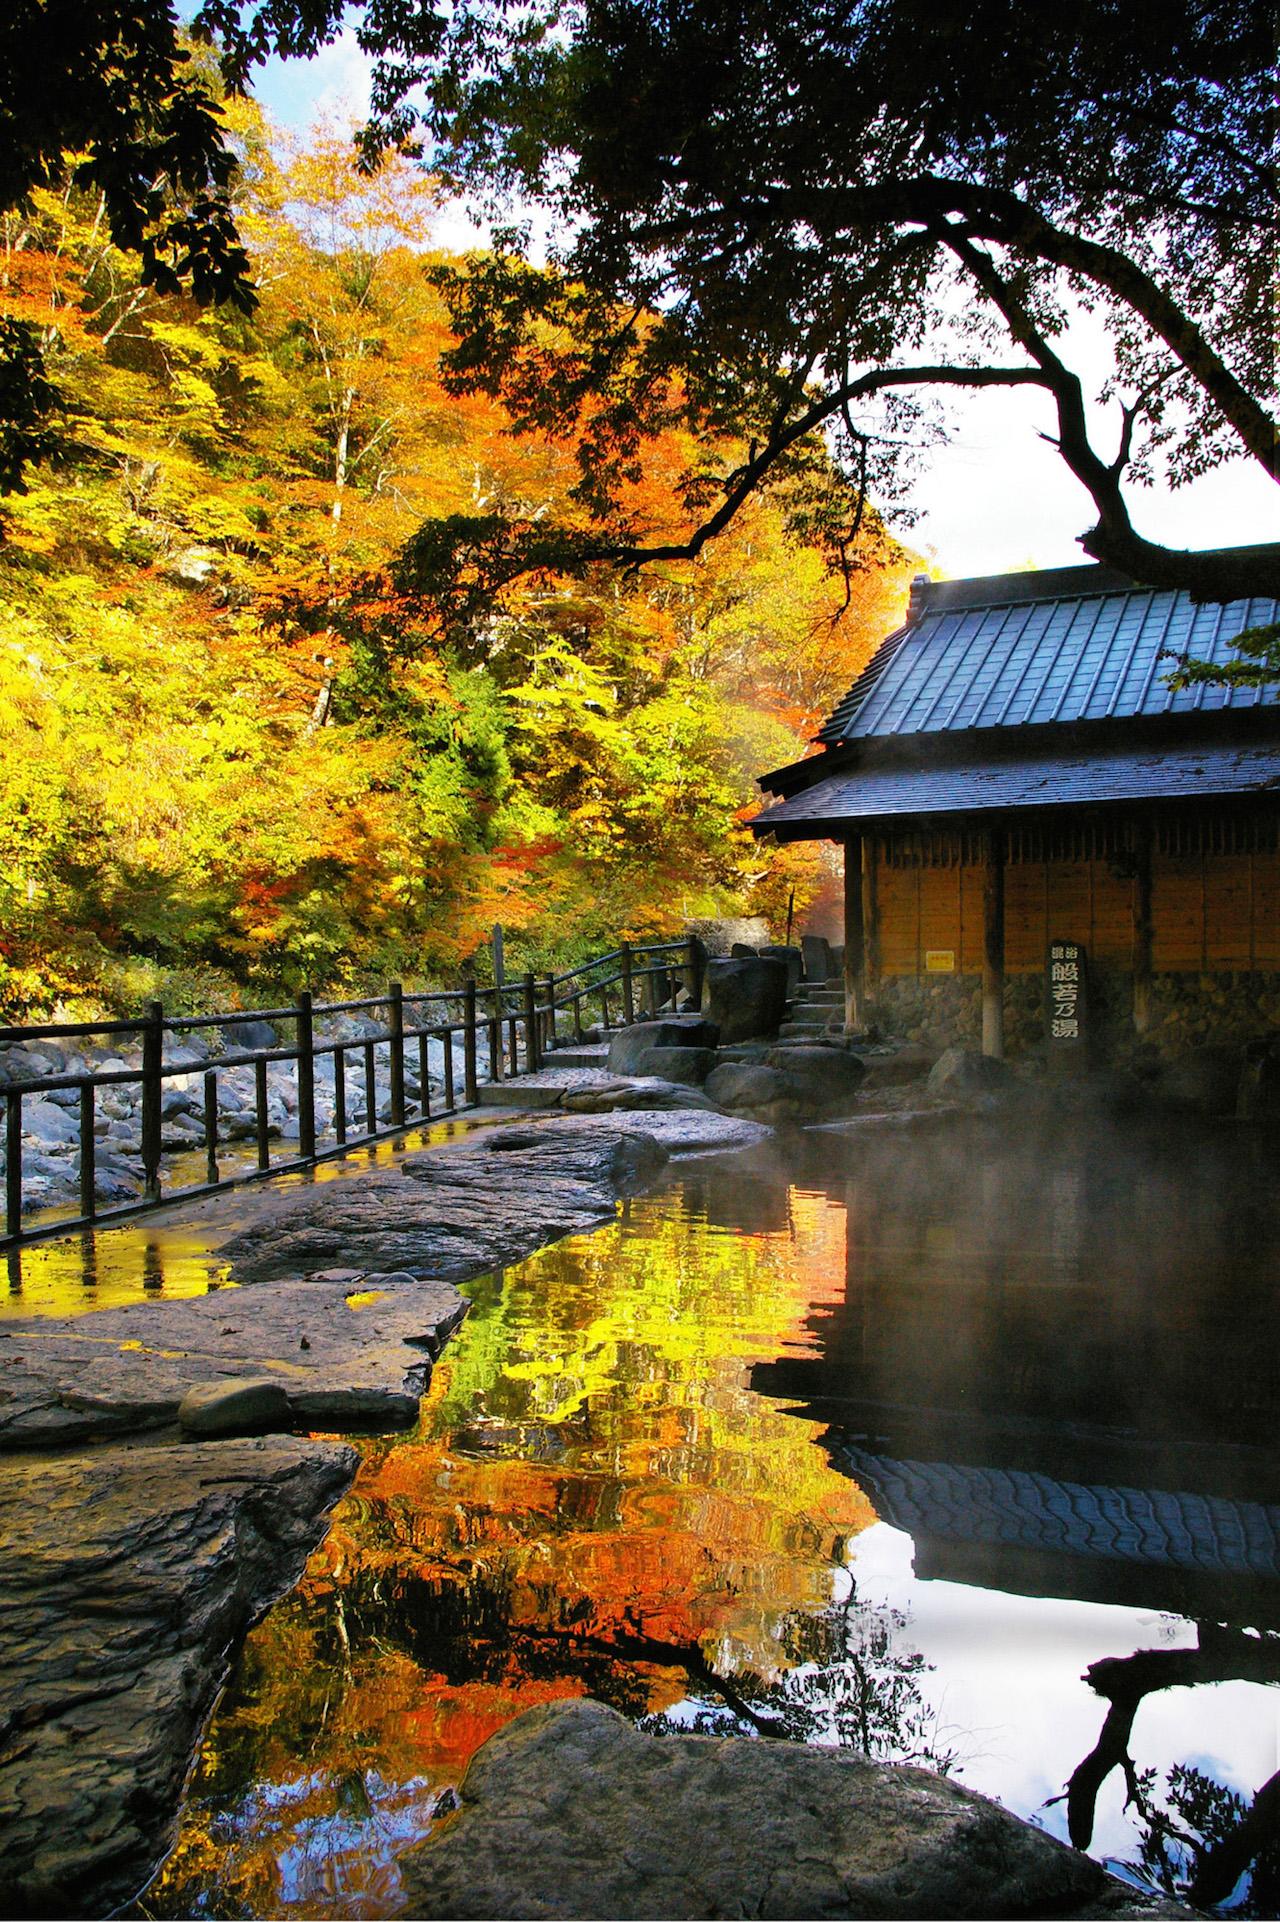 宝川温泉 般若の湯